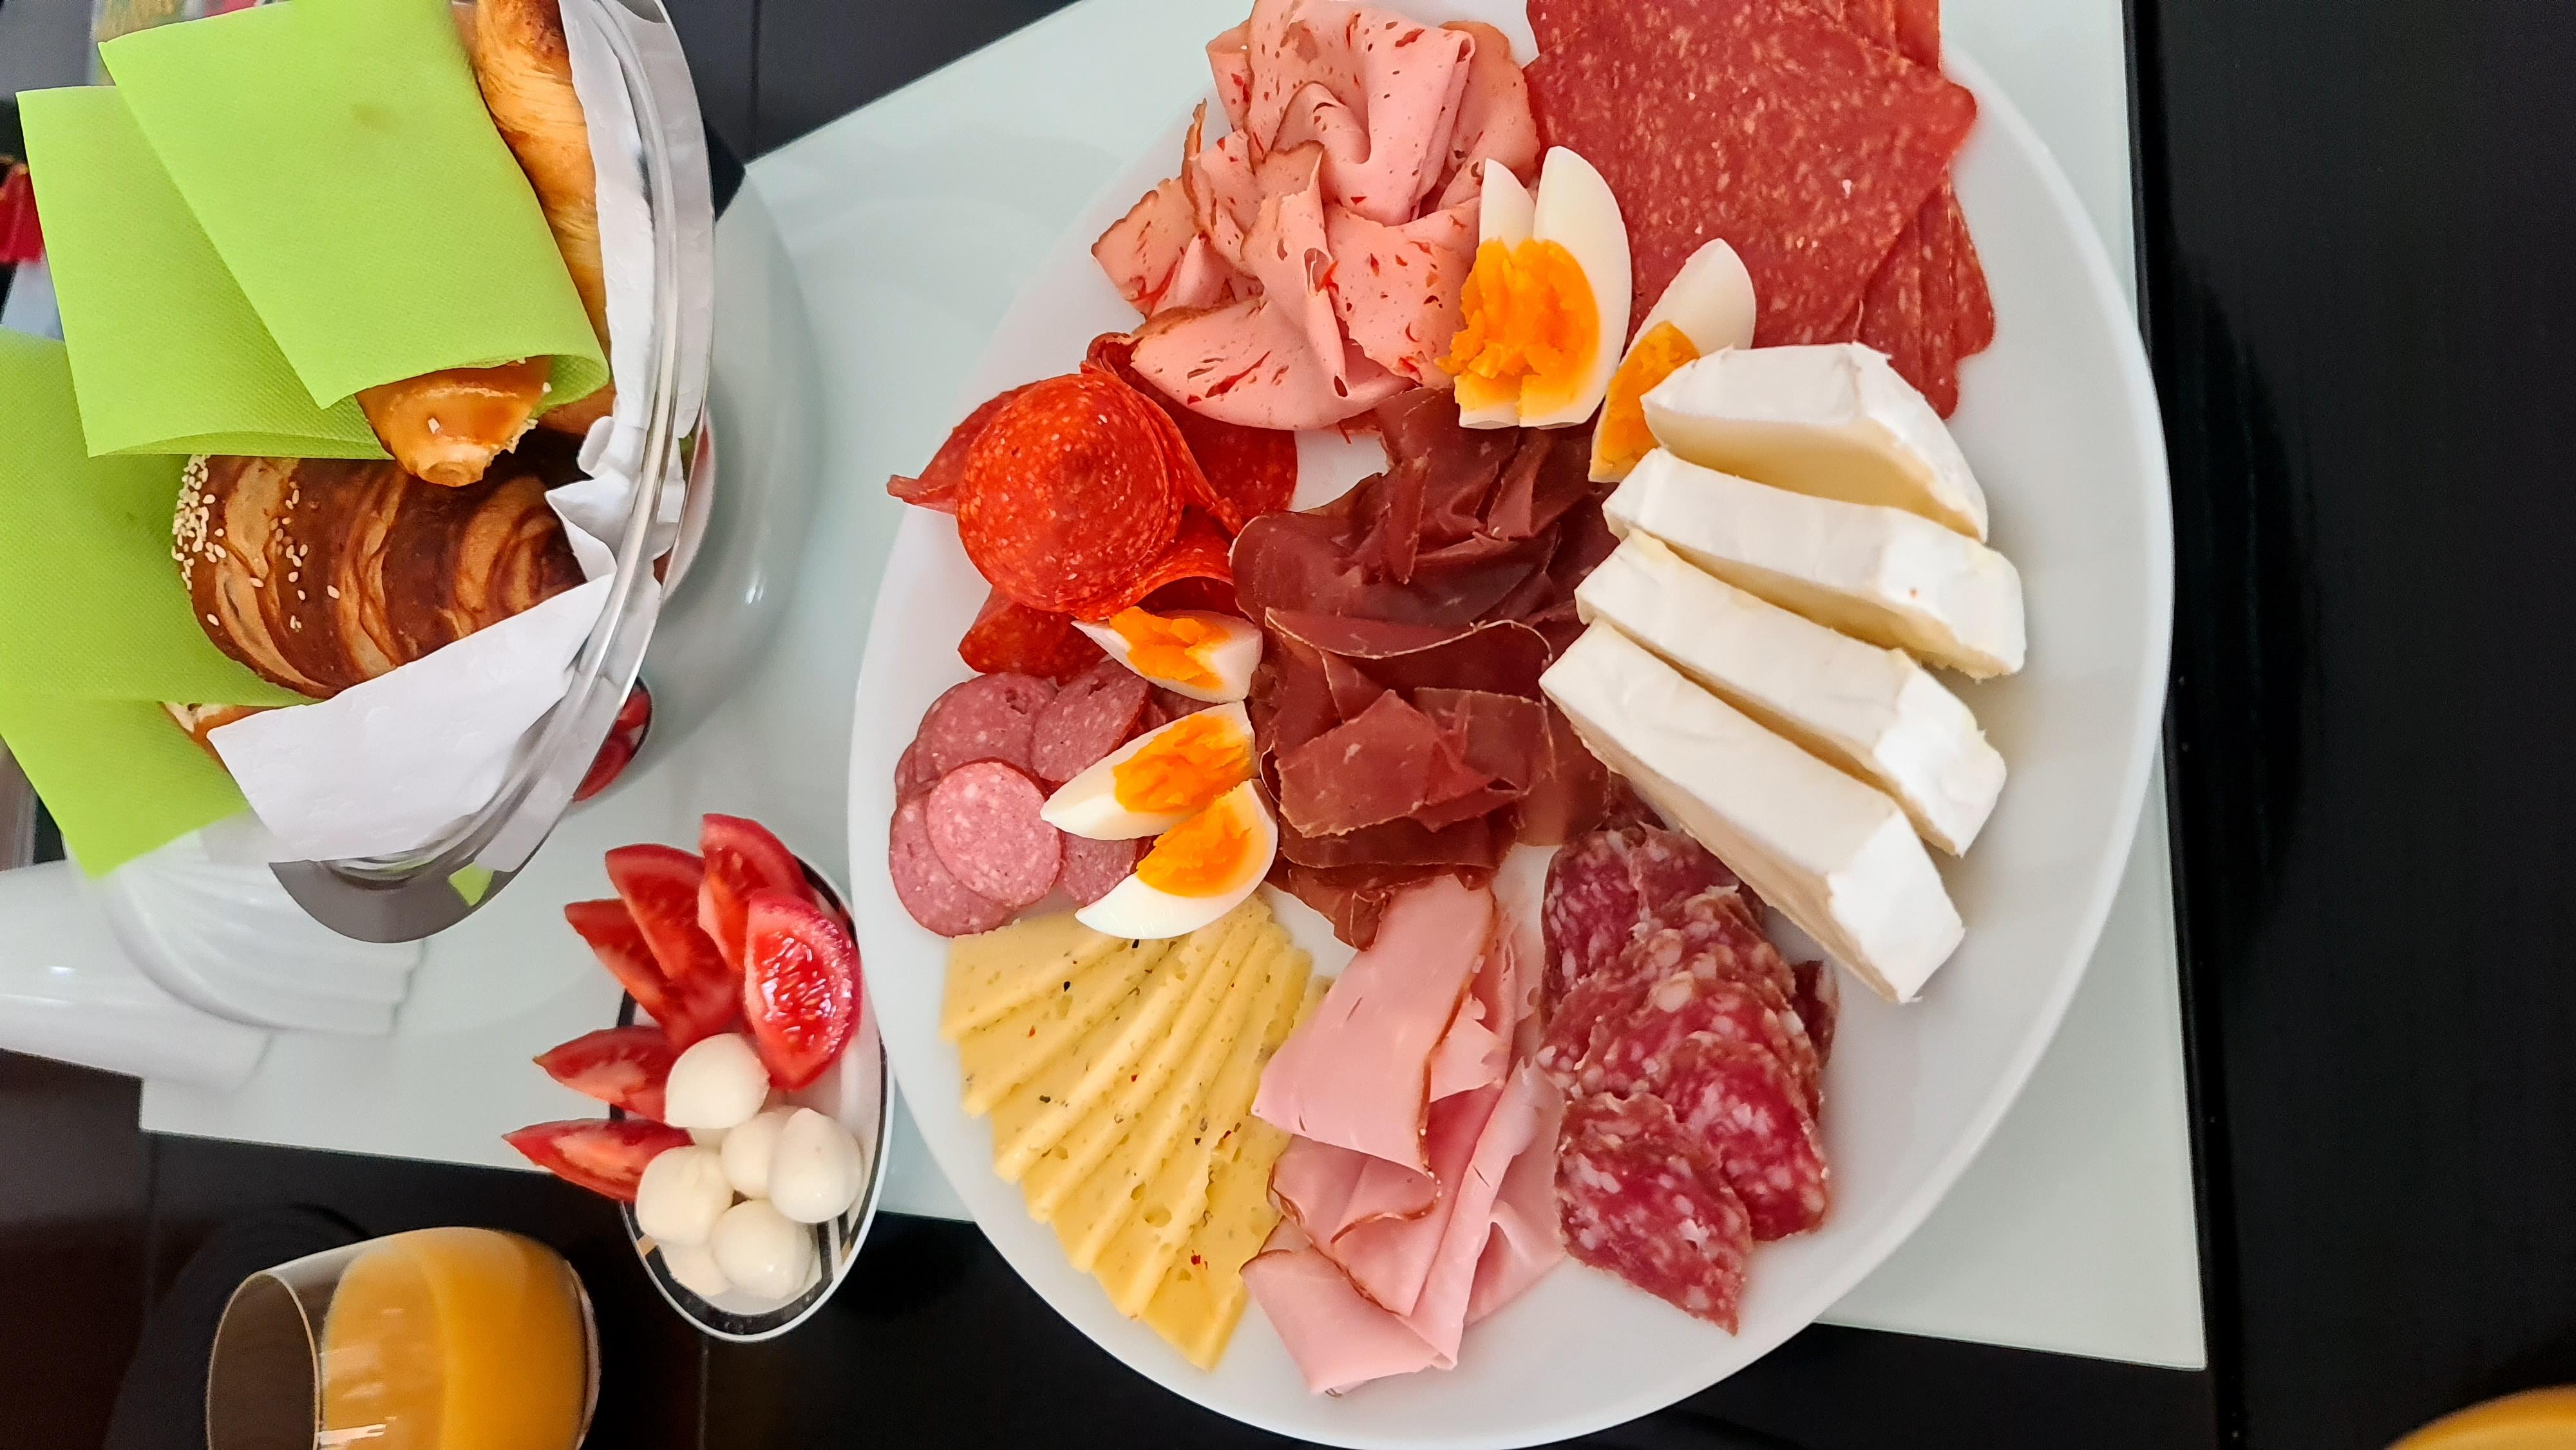 https://foodloader.net/Holz_2020-11-08_Fruehstueck.jpg